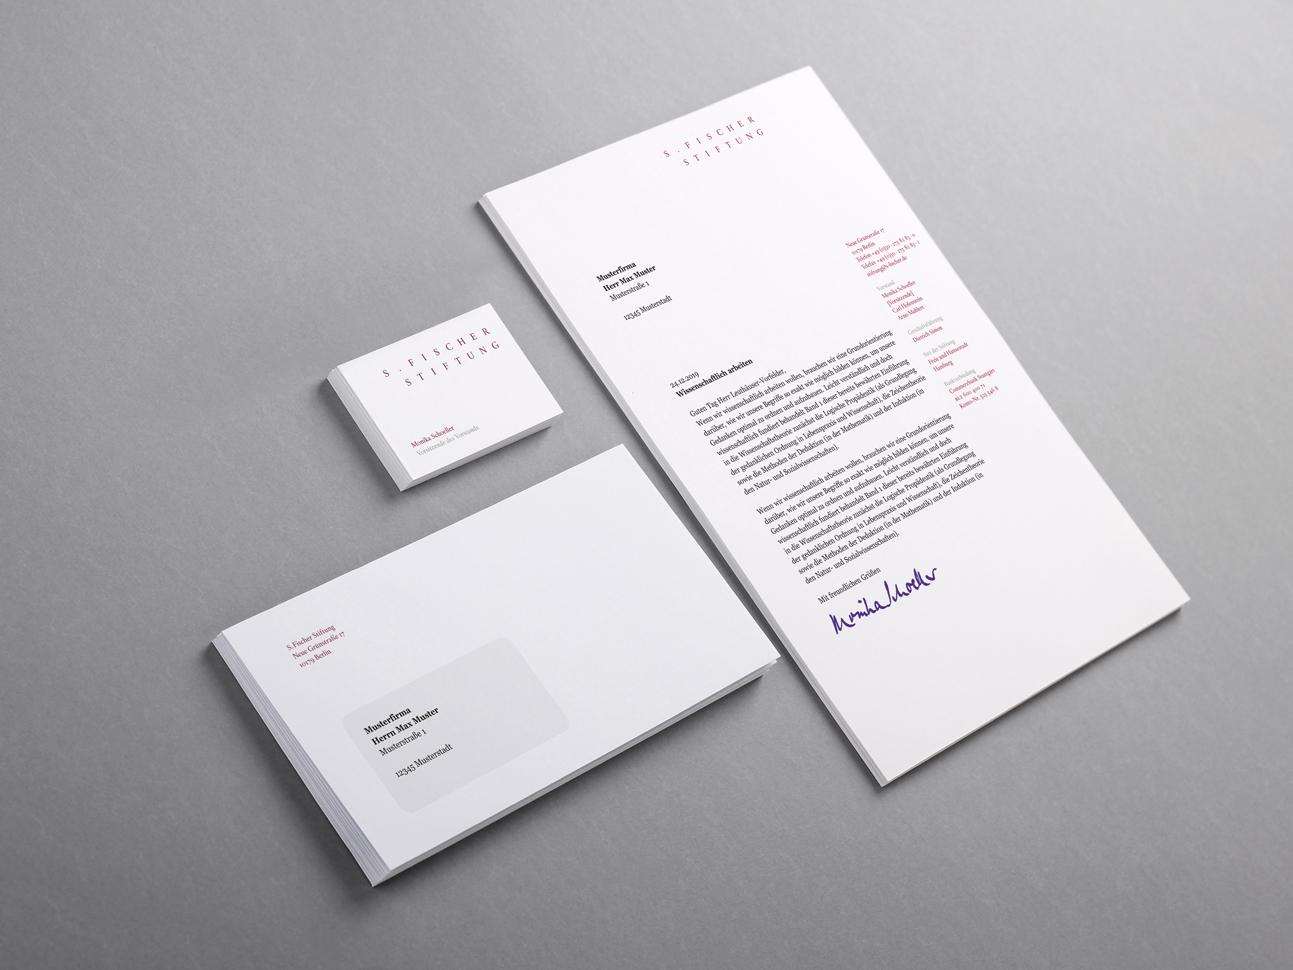 martin zech design, corporate-design, s. fischer stiftung, briefbogen, briefumschlag